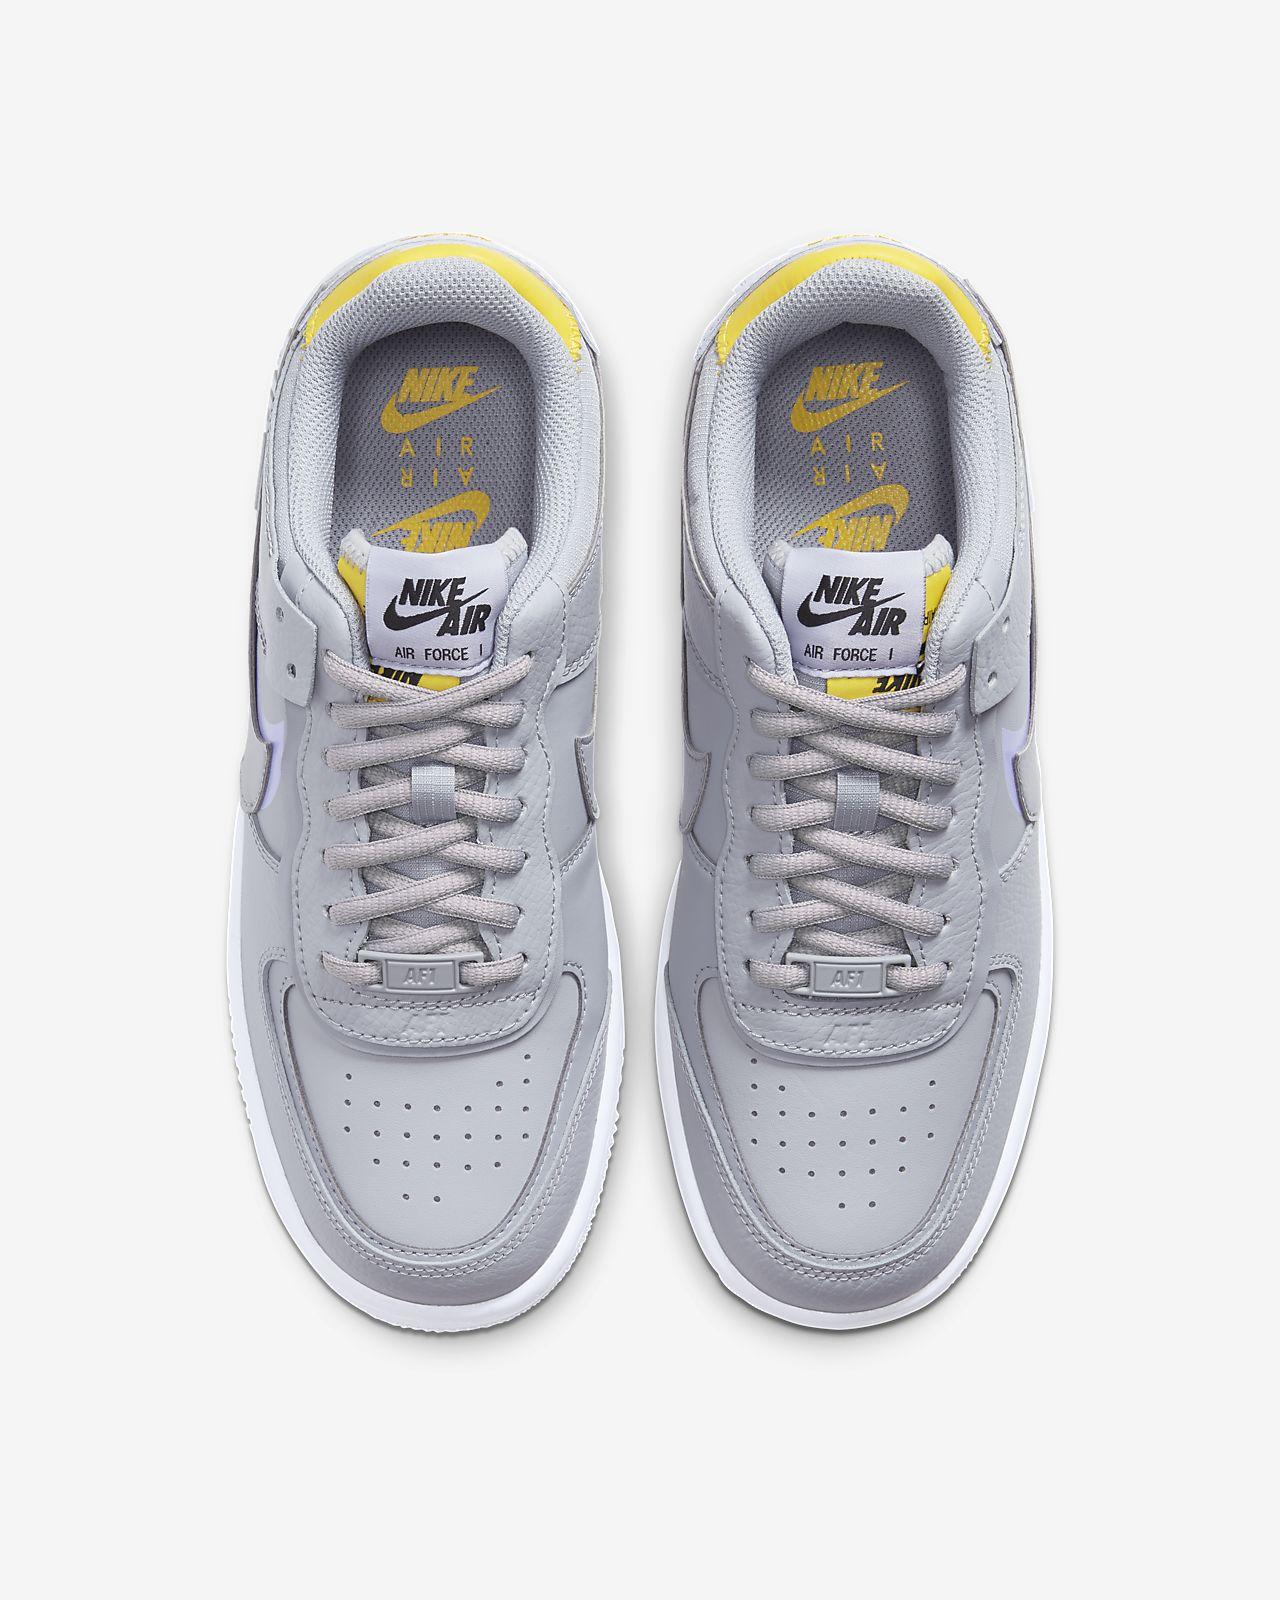 Vendite Nike Air Force 1 Scarpe Corsa fino al 75% di sconto.